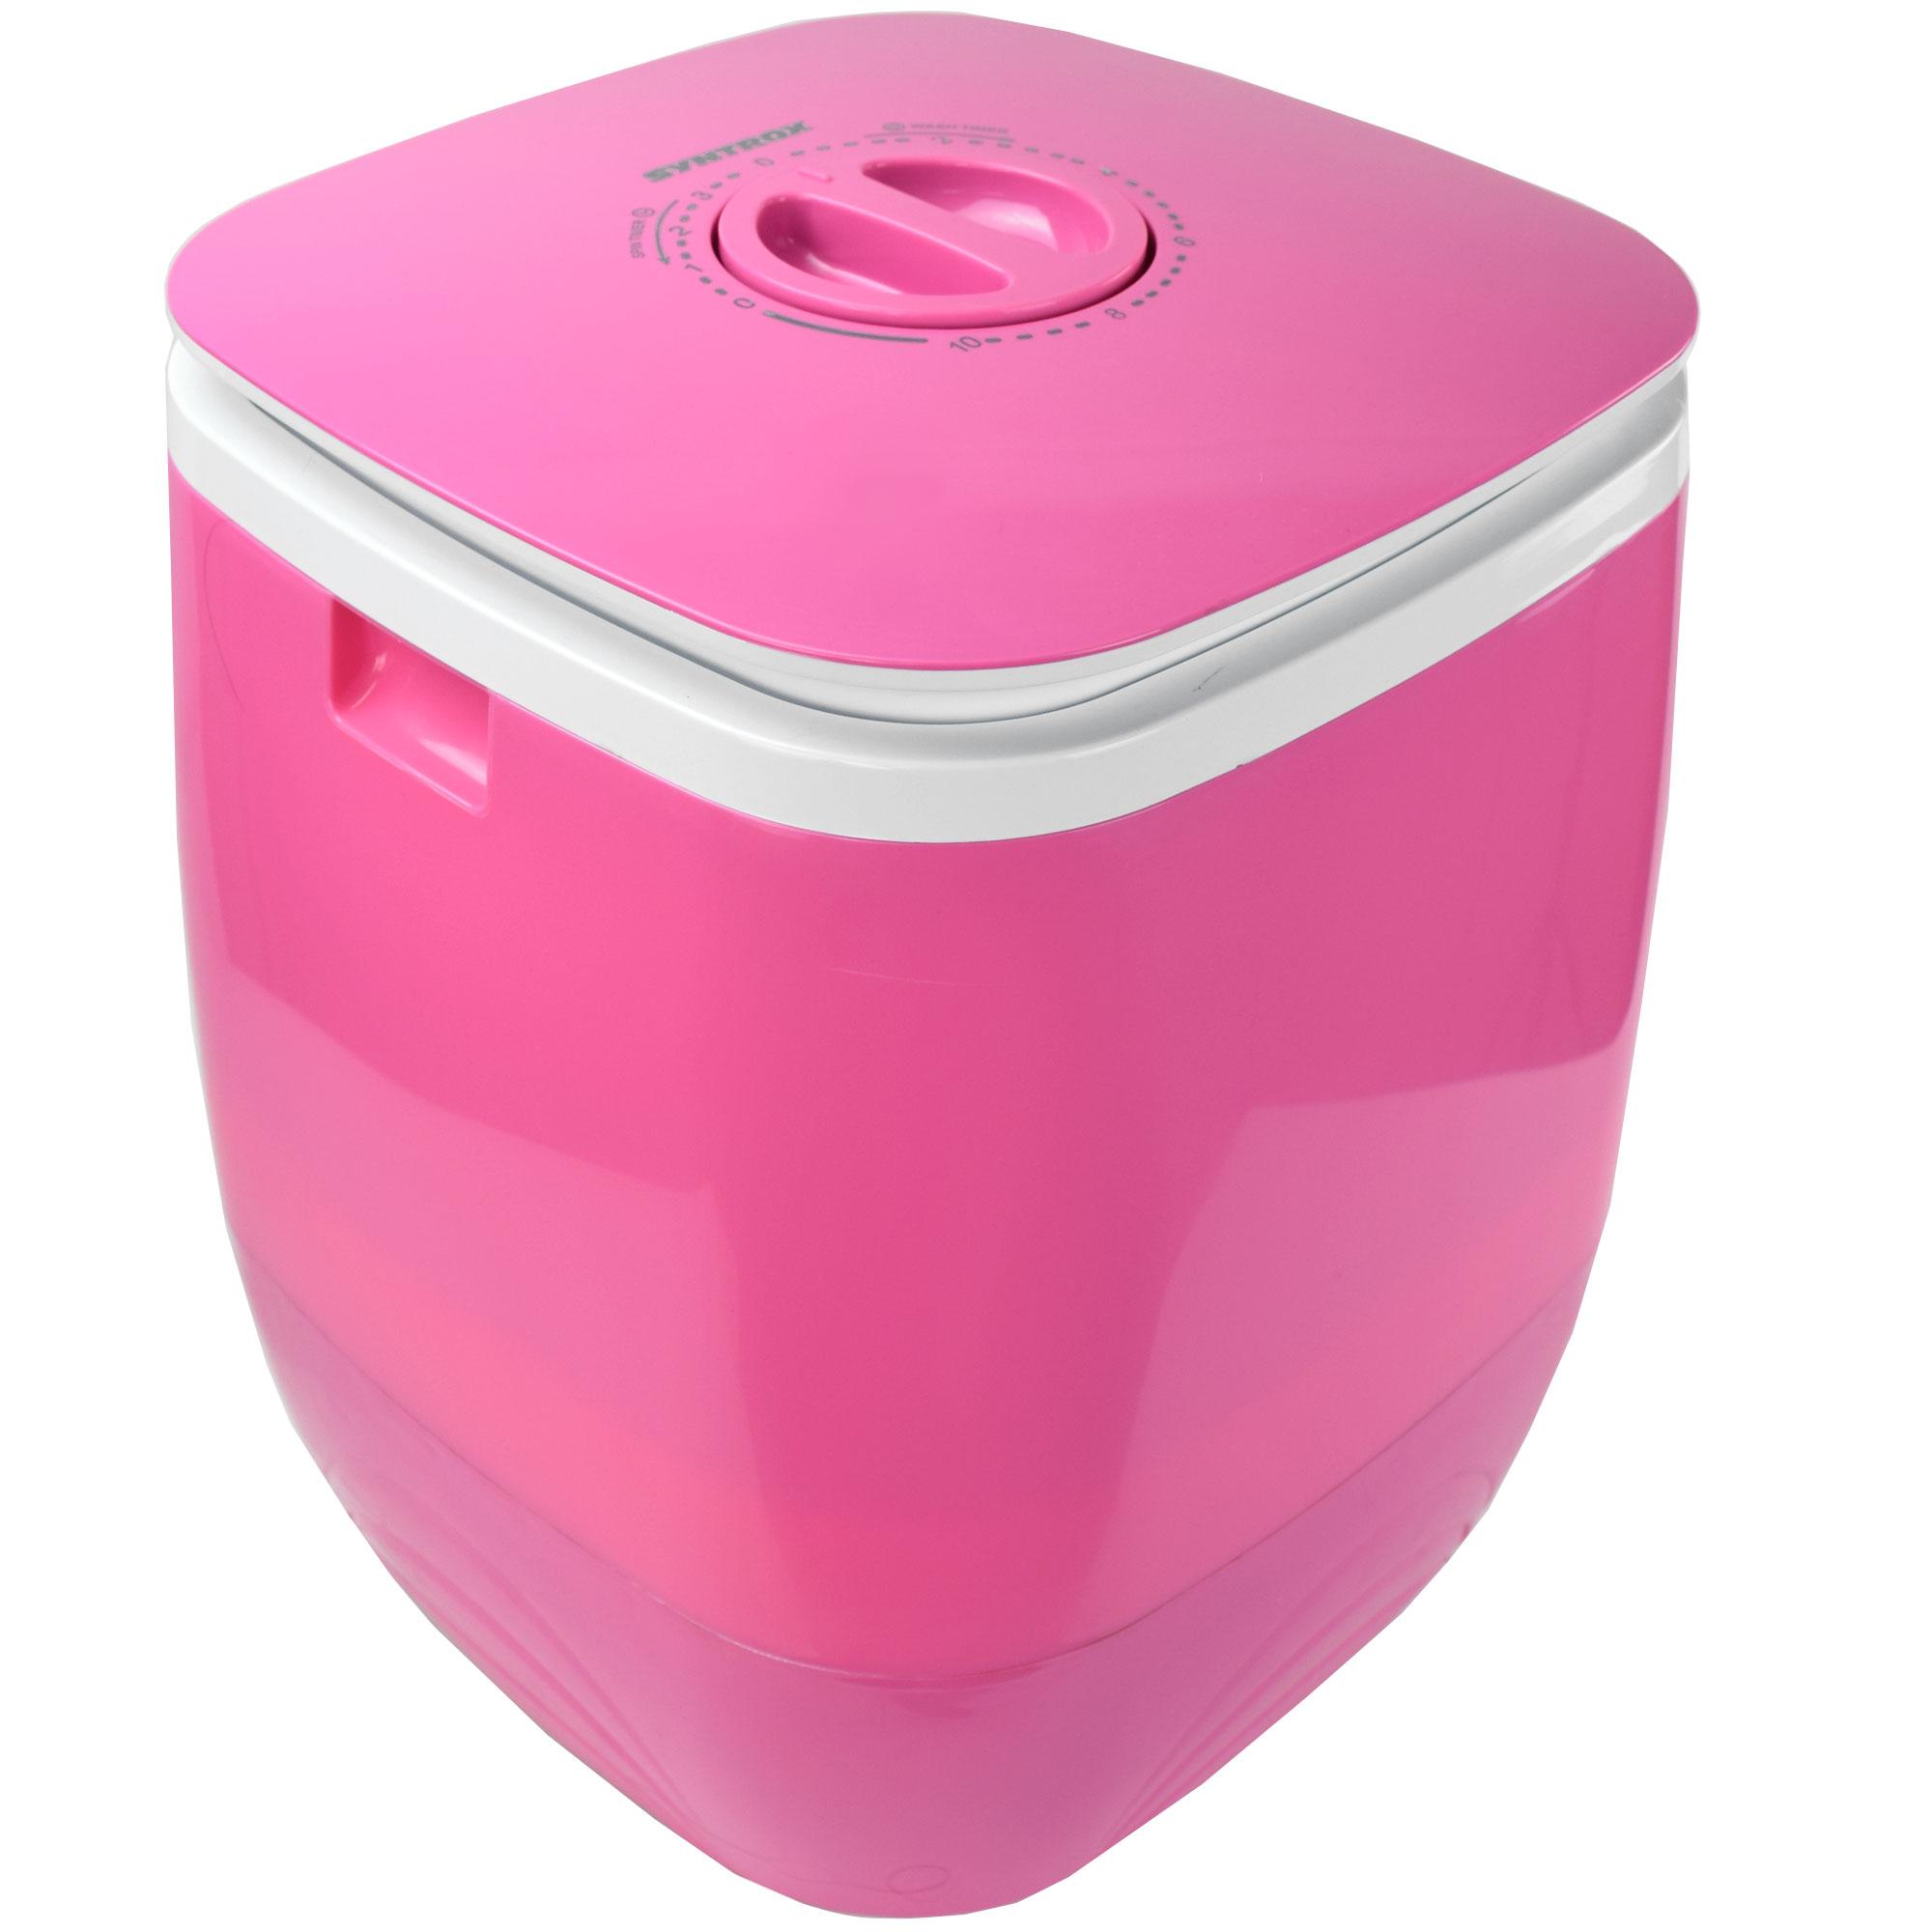 toplader schleuder single camping kleine klein mini waschmaschine 150w pink ebay. Black Bedroom Furniture Sets. Home Design Ideas